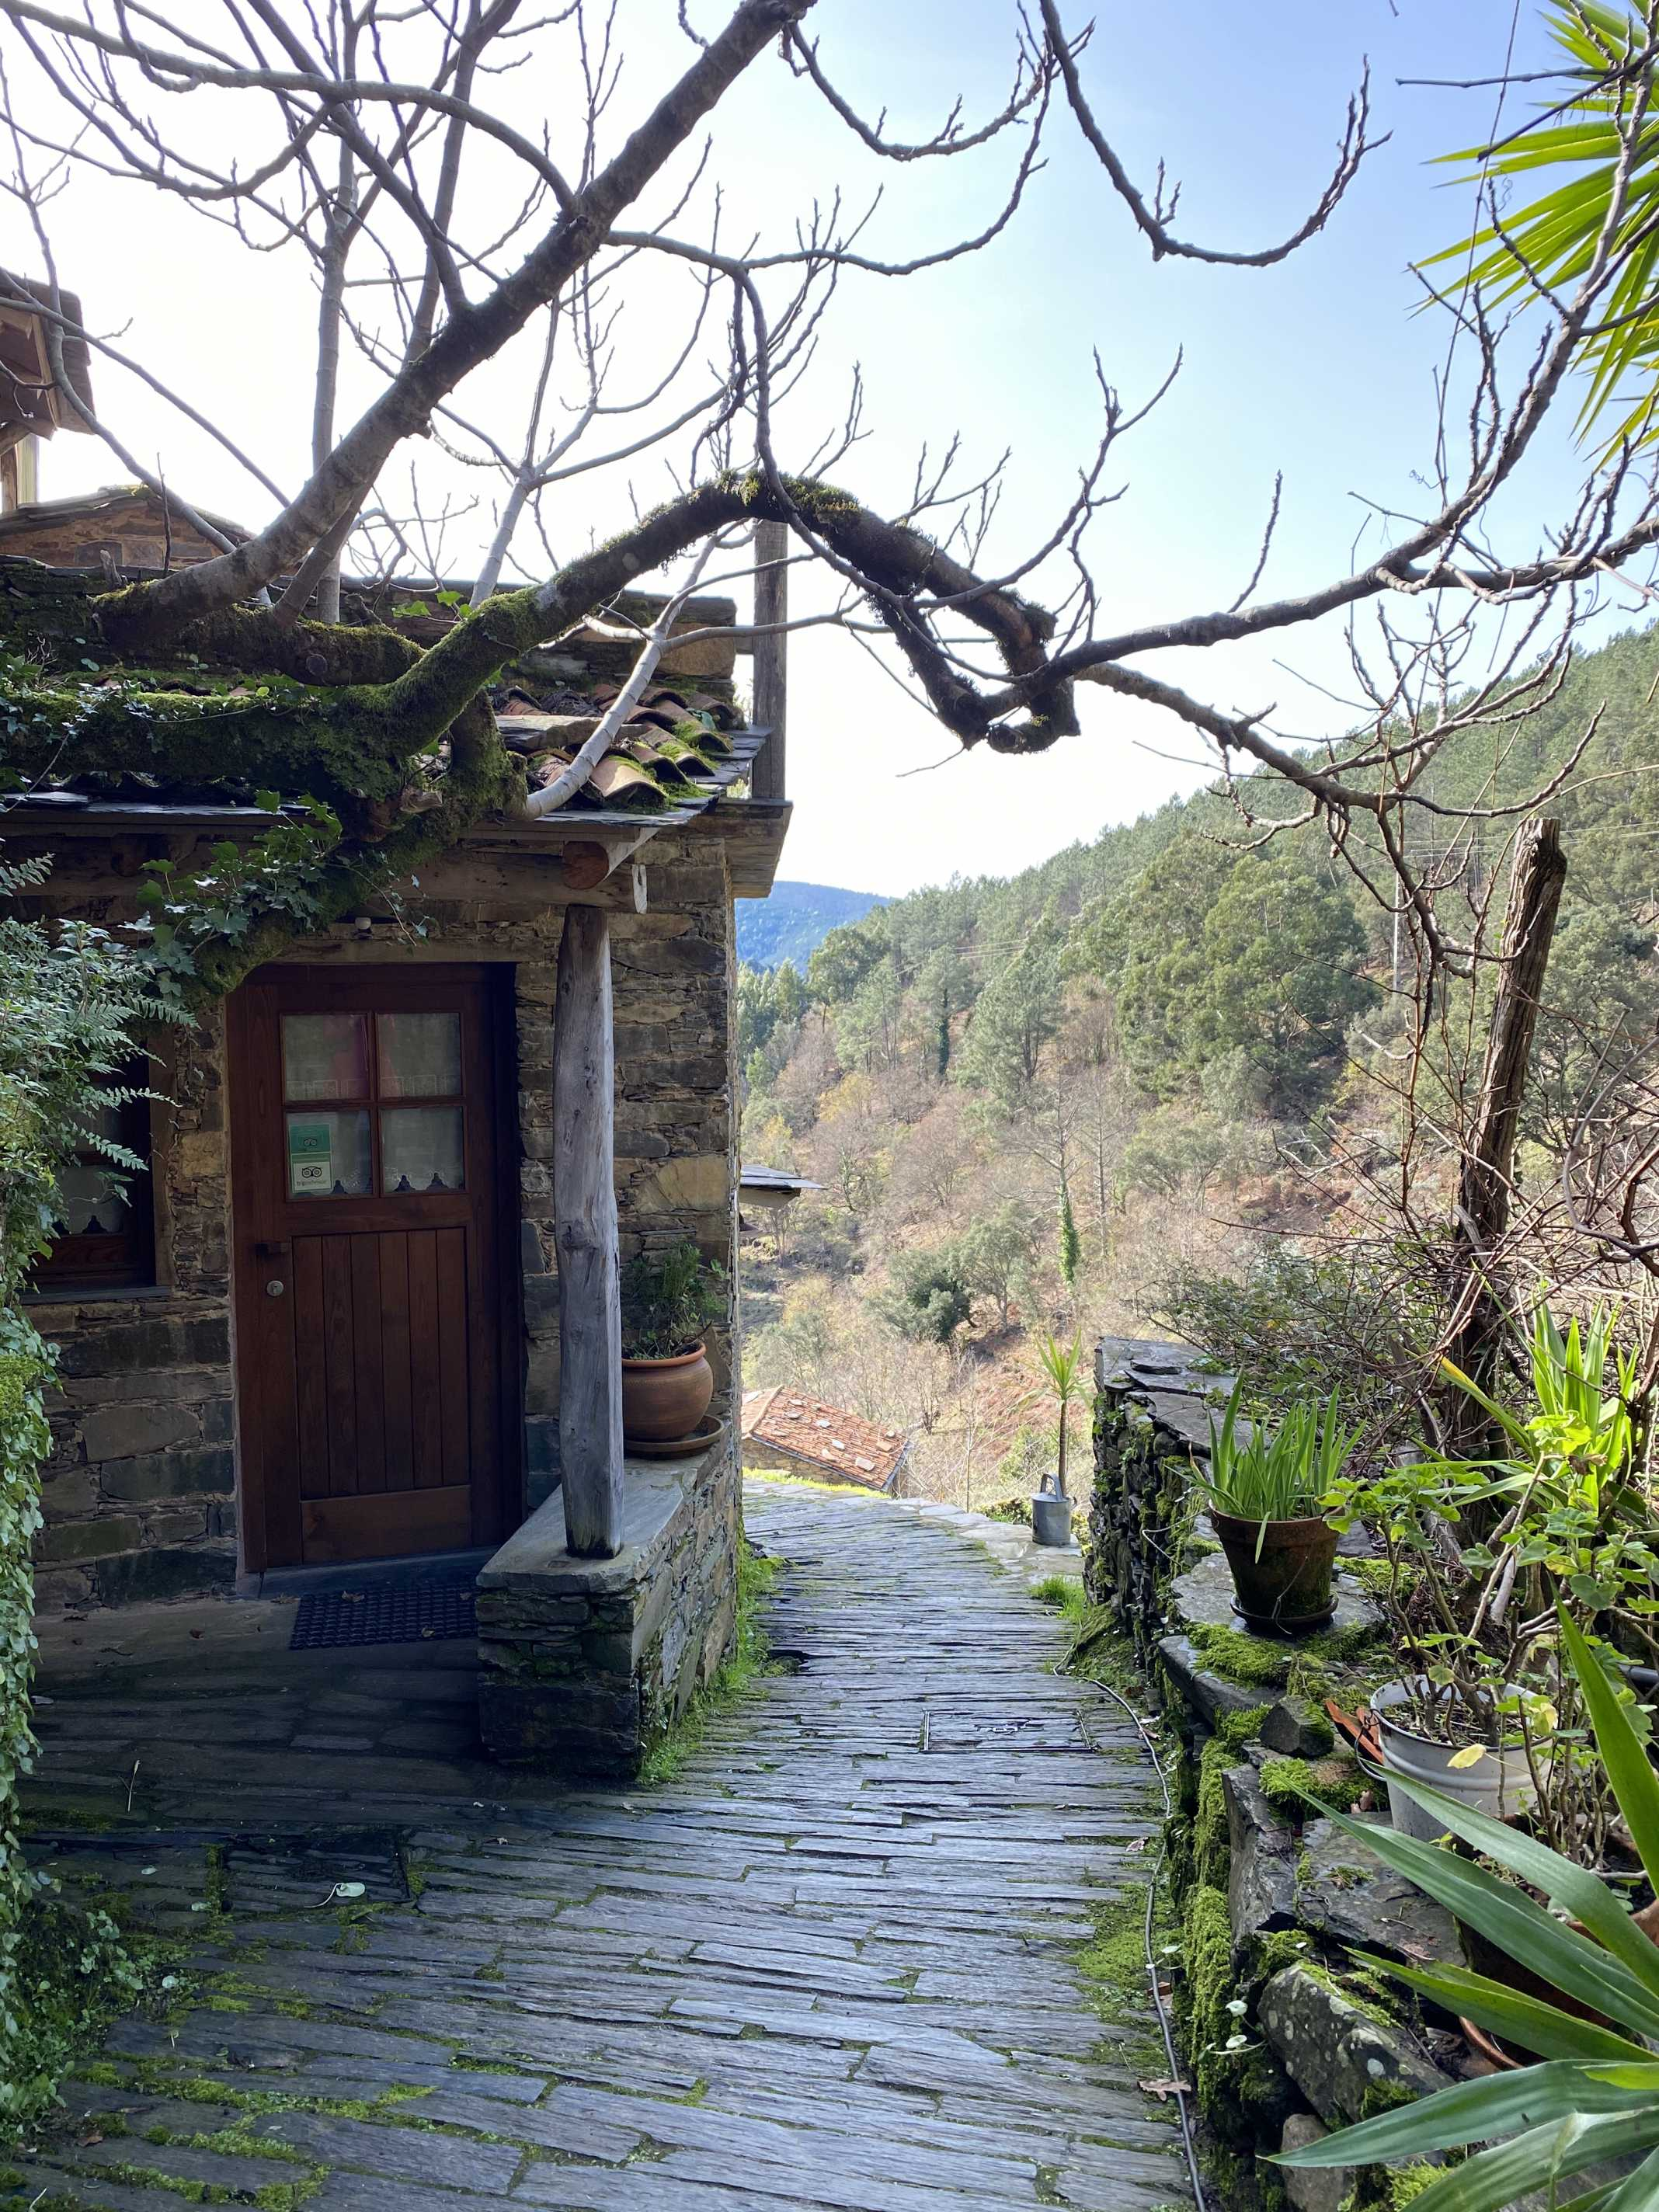 Cerdeira aldeia de xisto